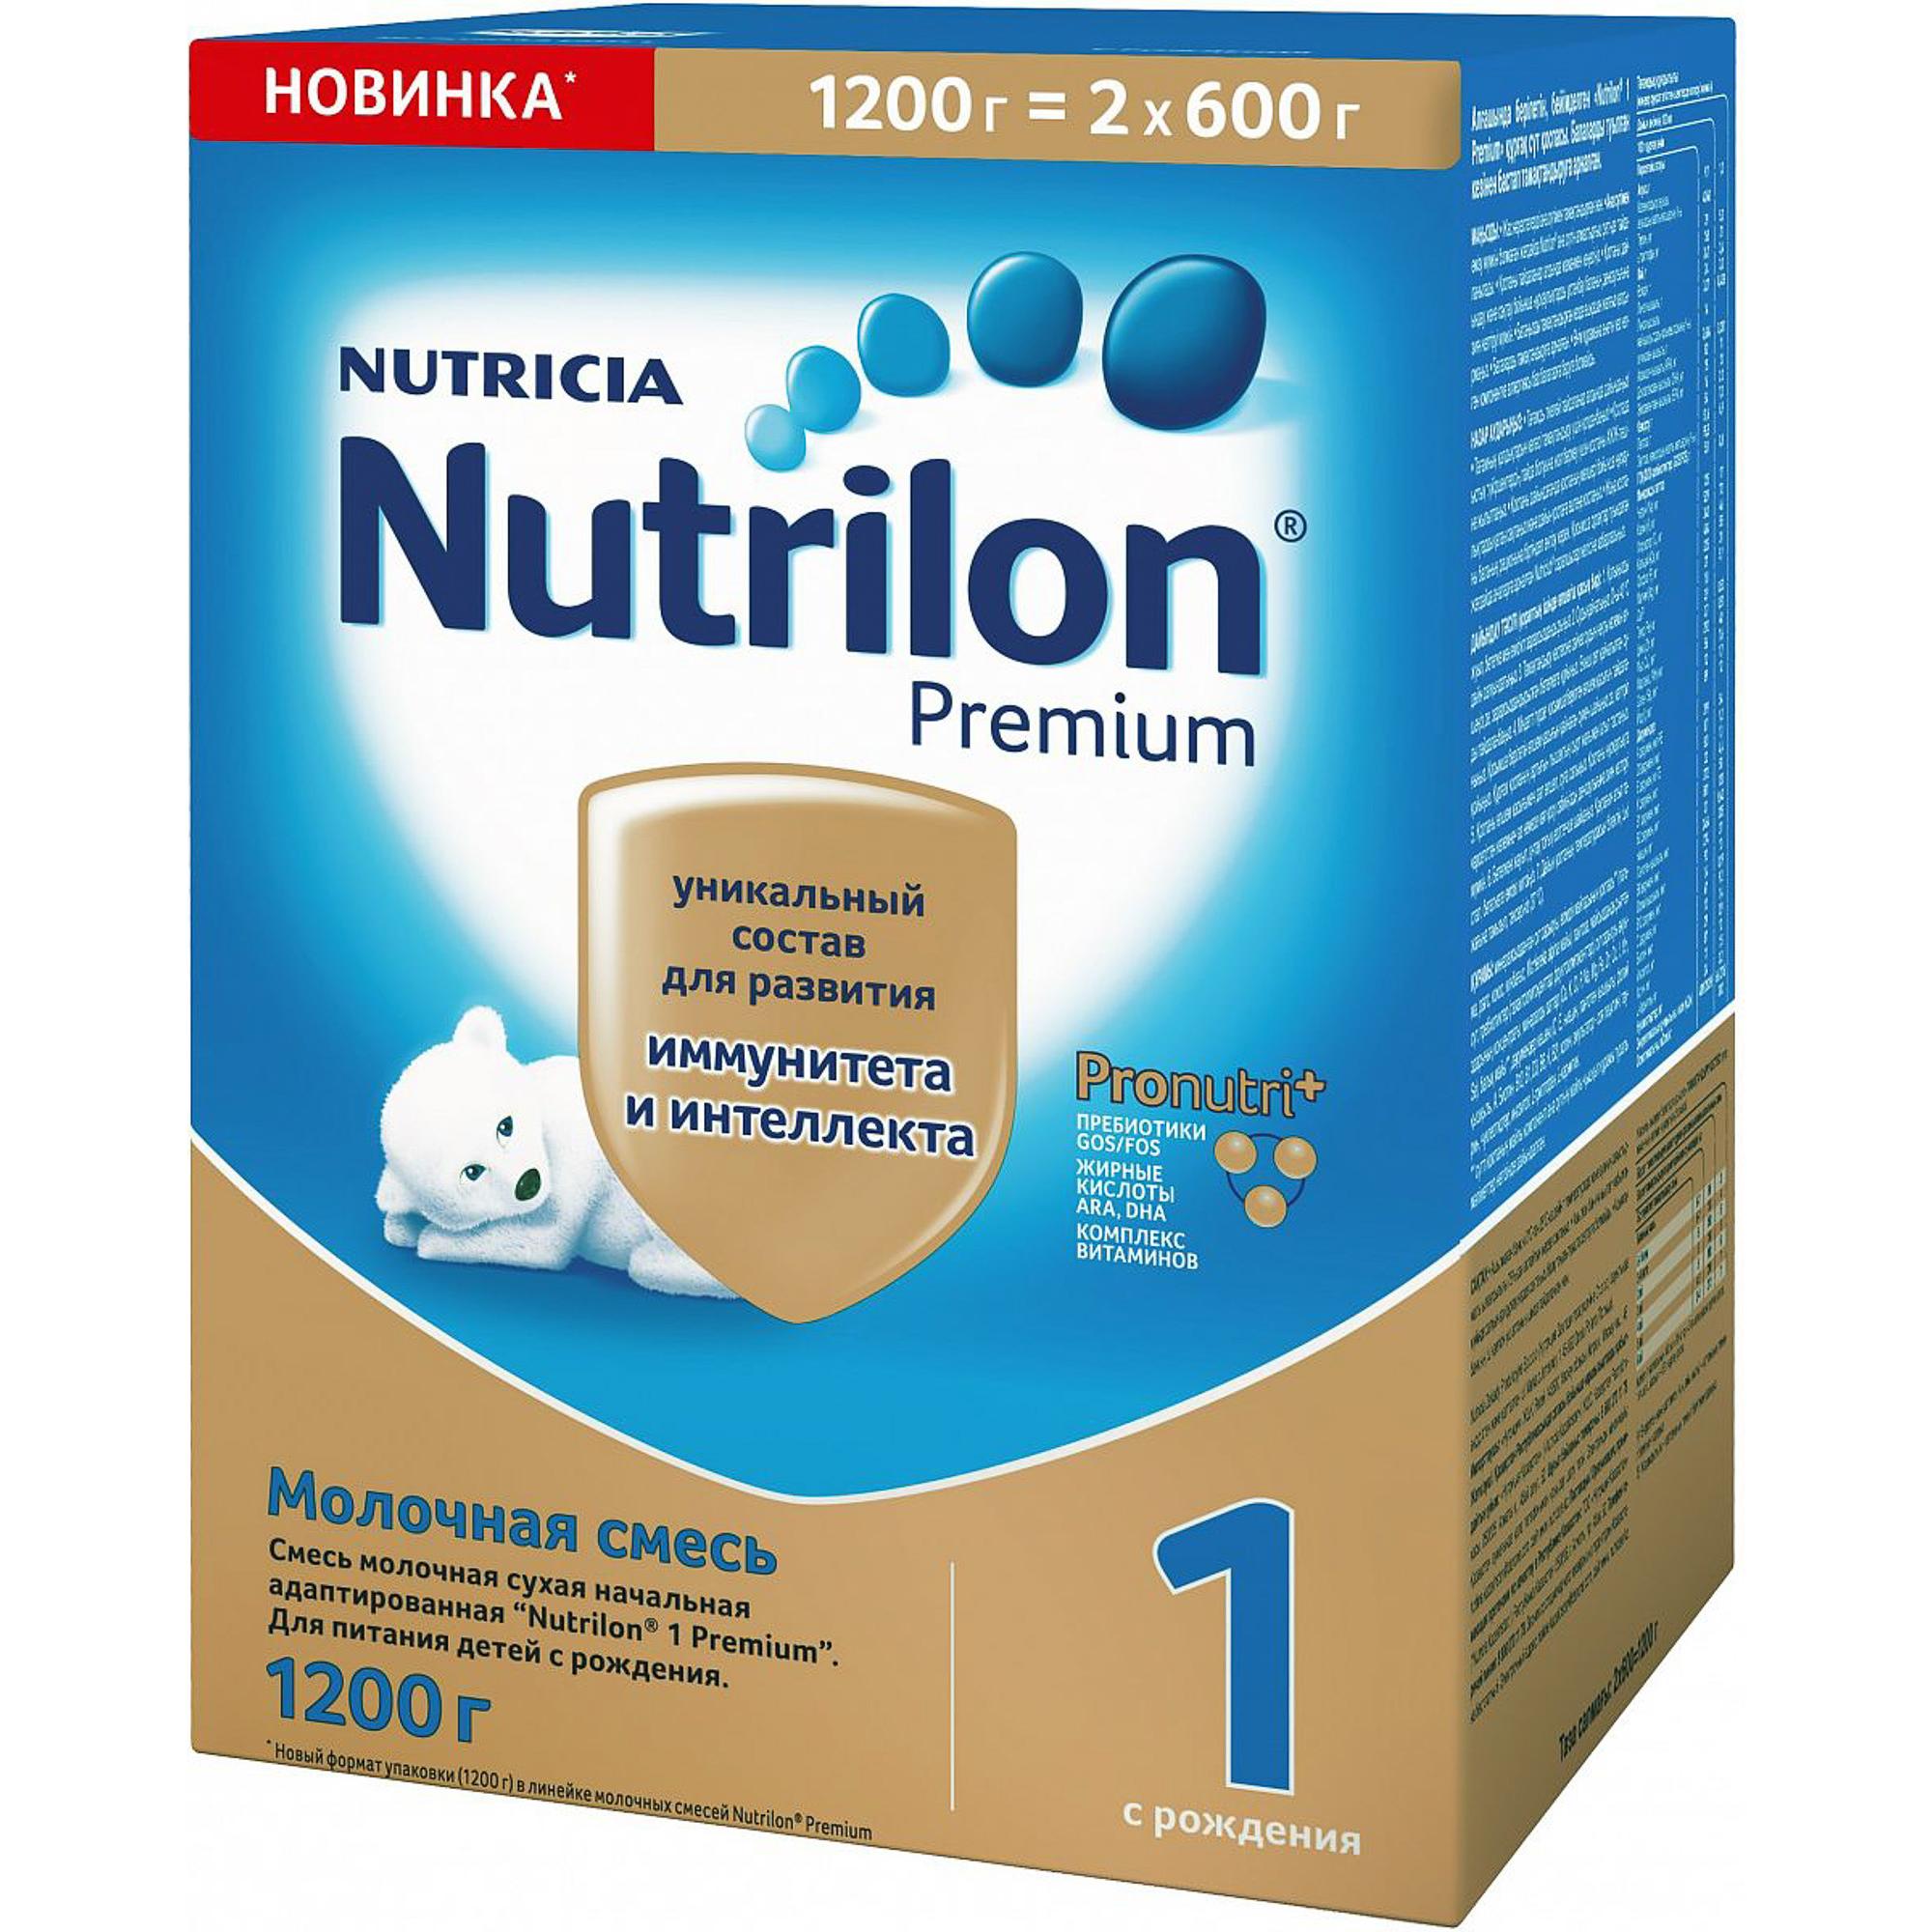 Смесь молочная Nutrilon 1 Premium с рождения 2х600 г молочная смесь nutricia nutrilon nutricia 1 premium c рождения 800 г